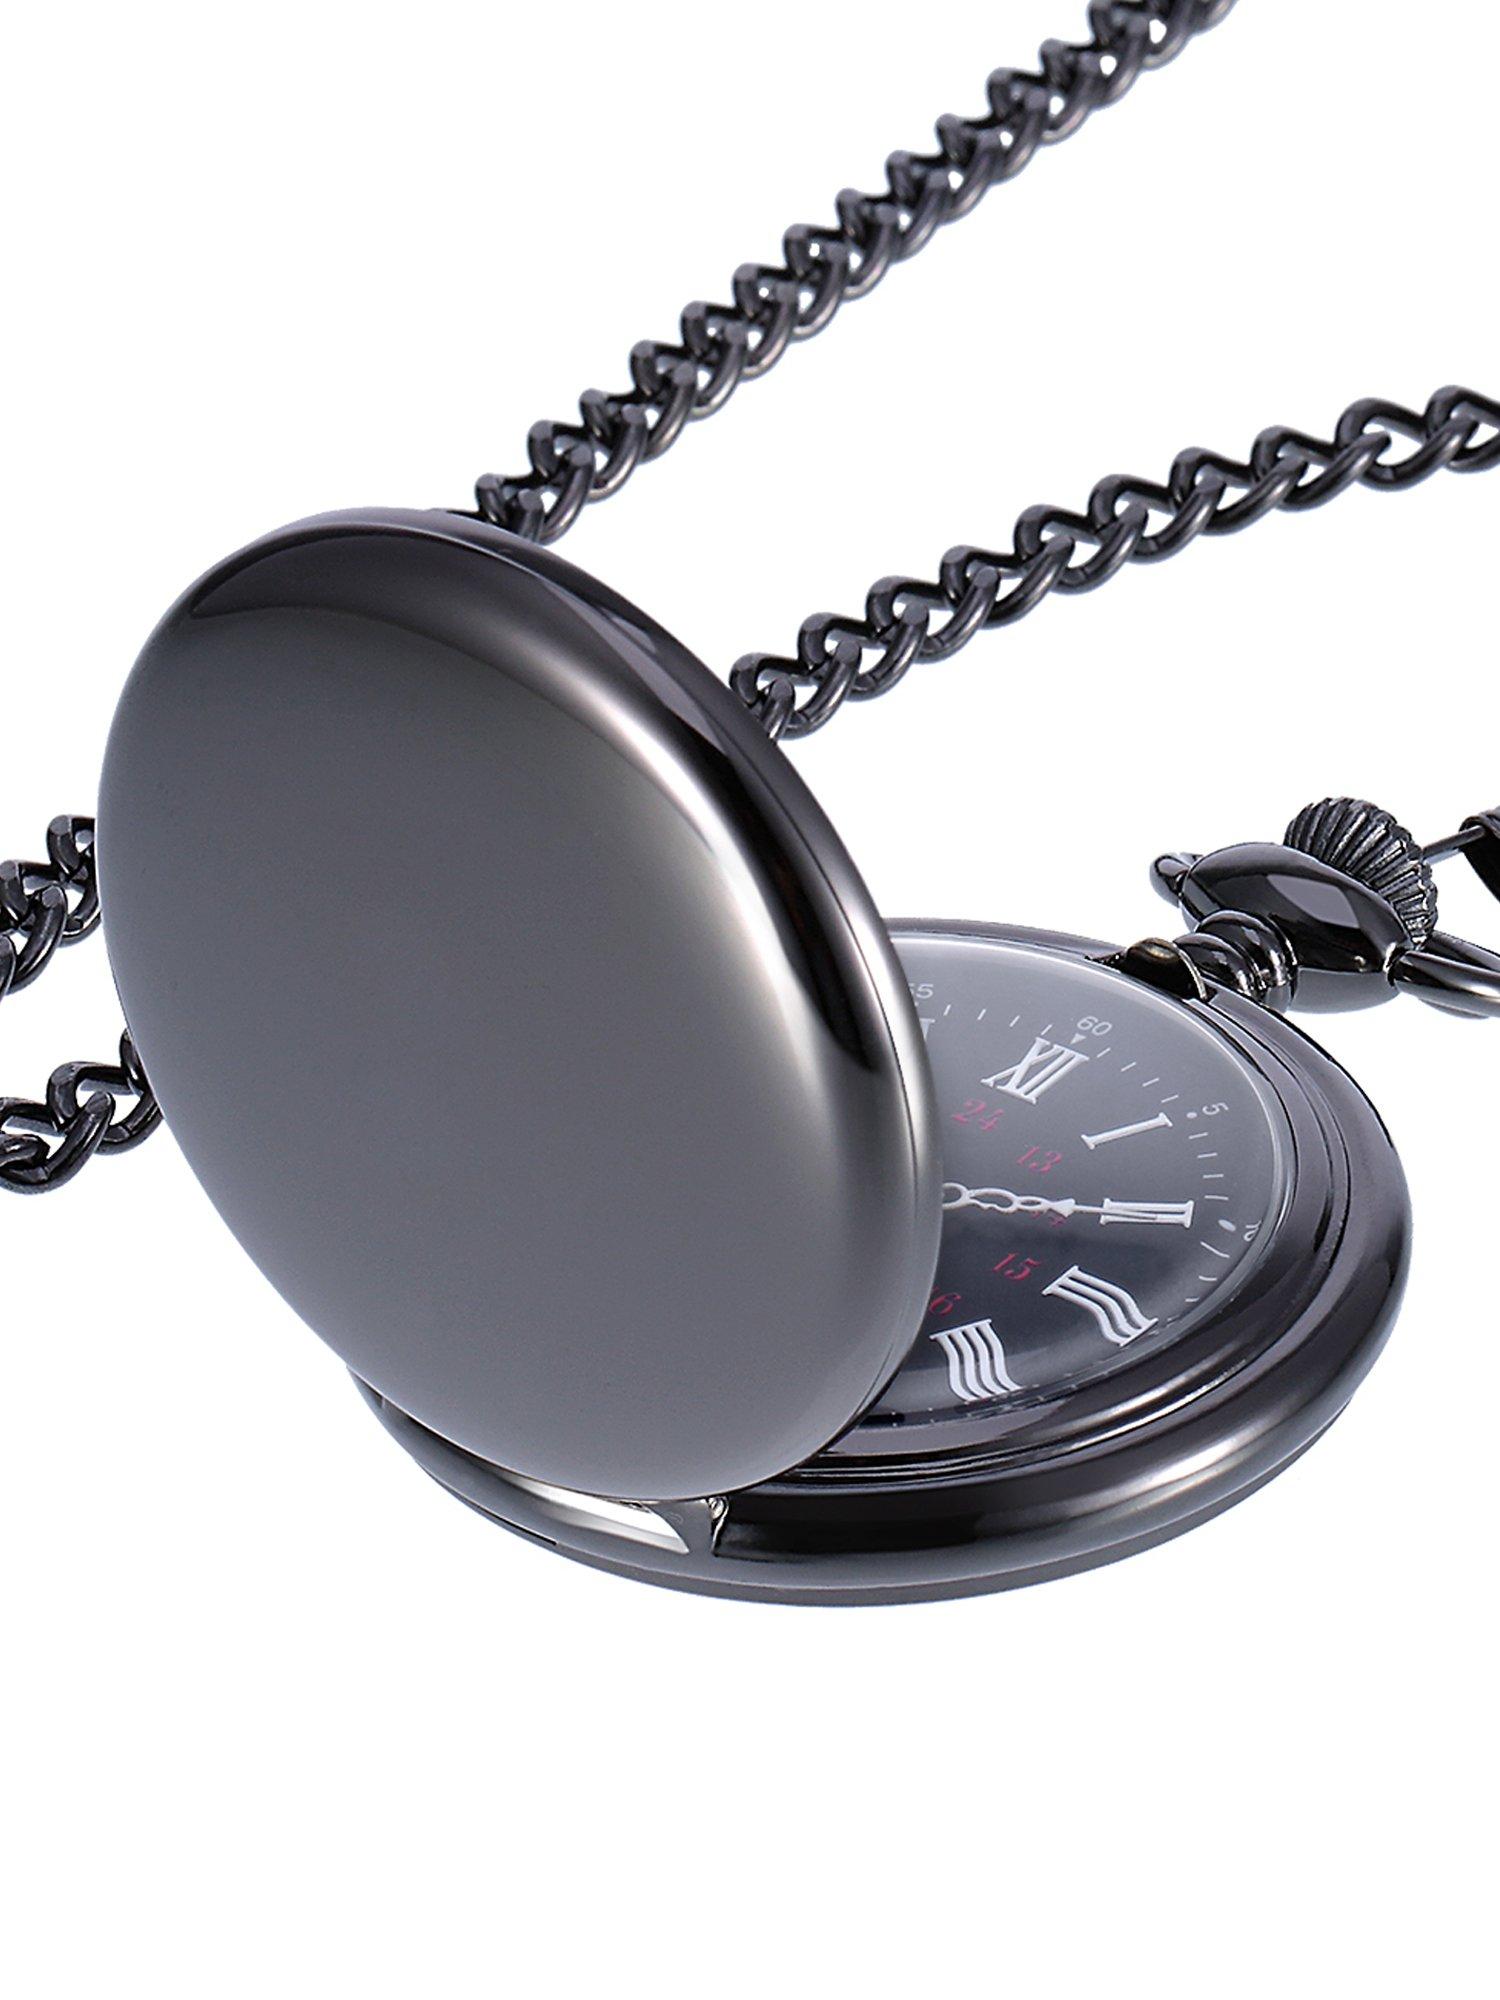 Mudder Smooth Antique Quartz Pocket Watch with Steel Chain (Black)